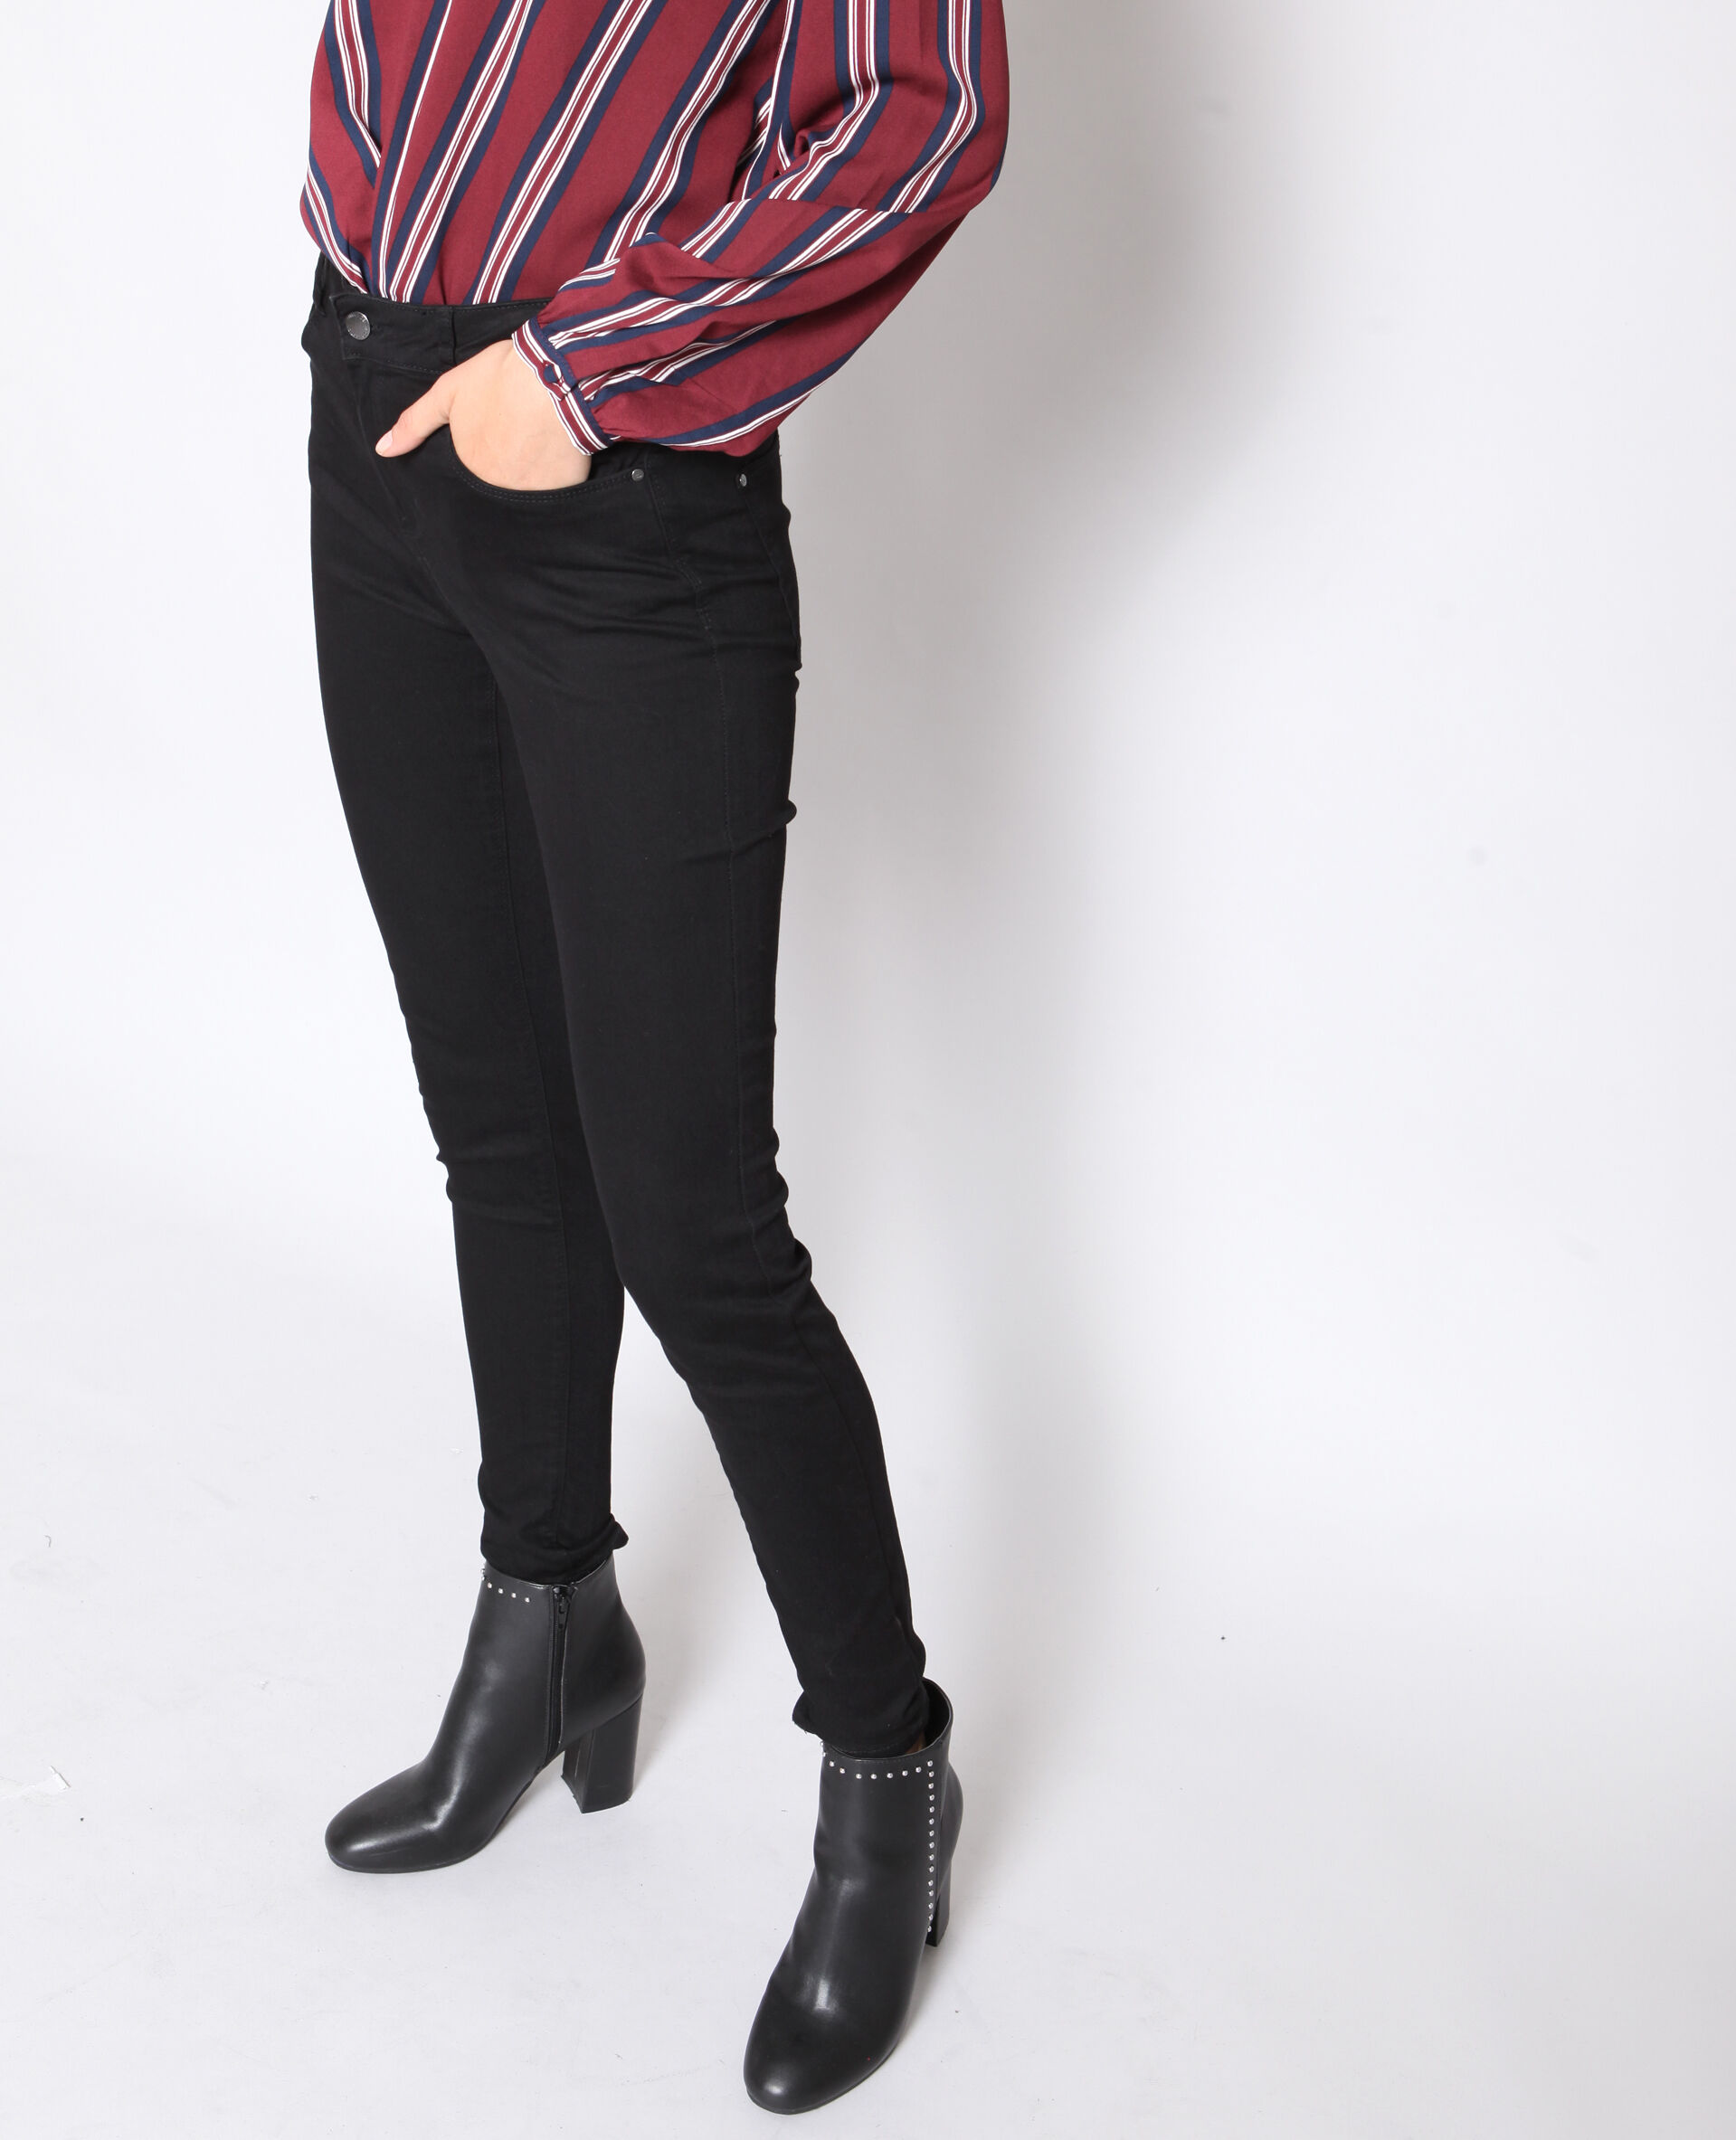 ✅Jegging basique Femme - Couleur noir - Taille 36 - PIMKIE - MODE FEMME